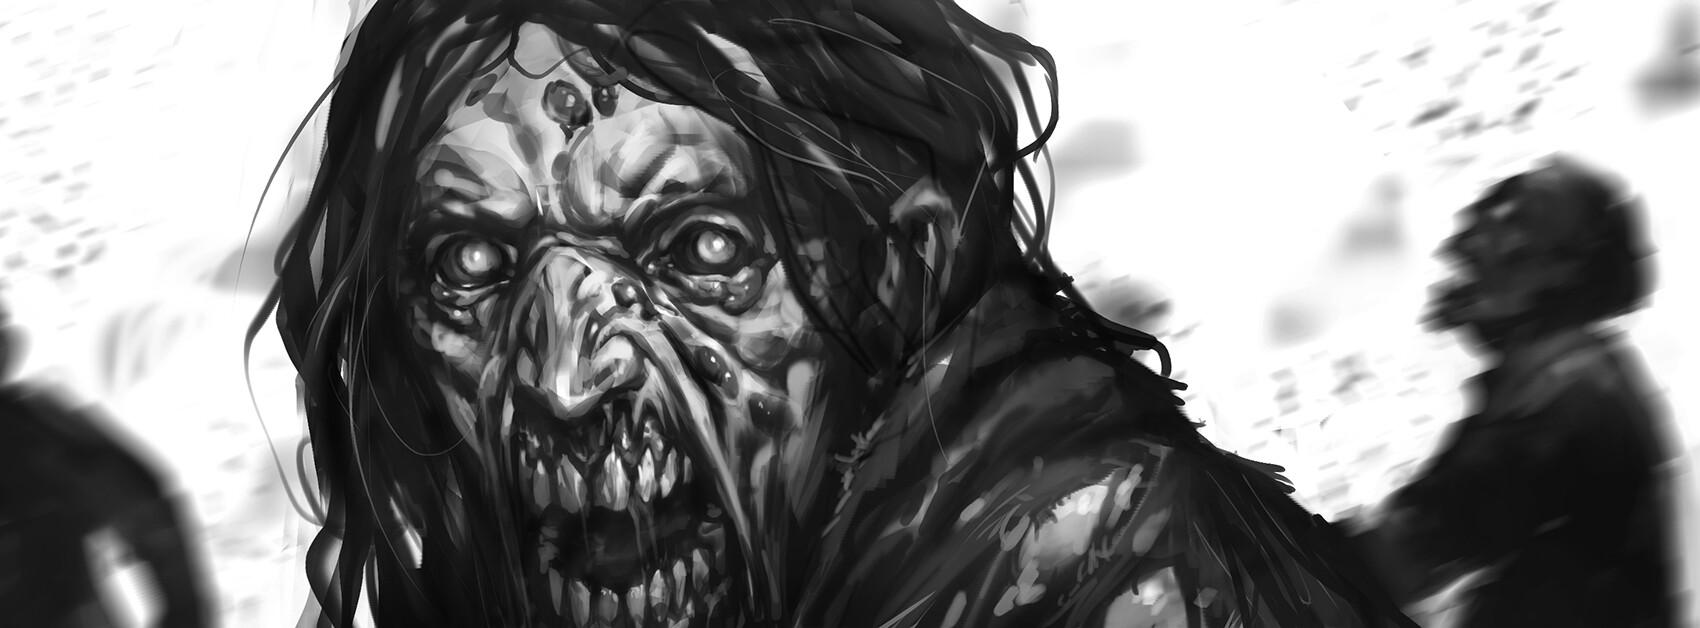 Nagy norbert zombies